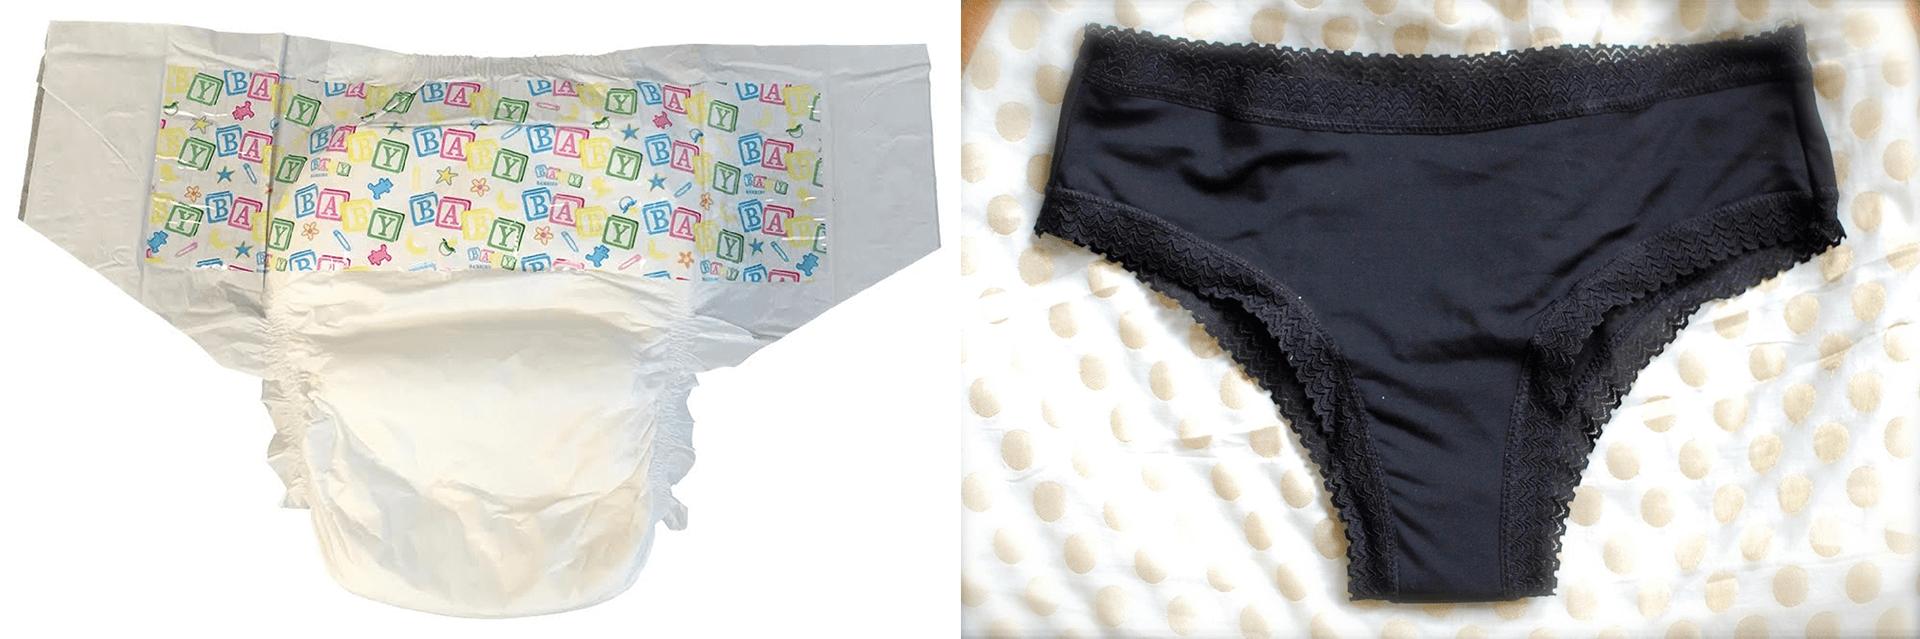 diaper-next-to-panties